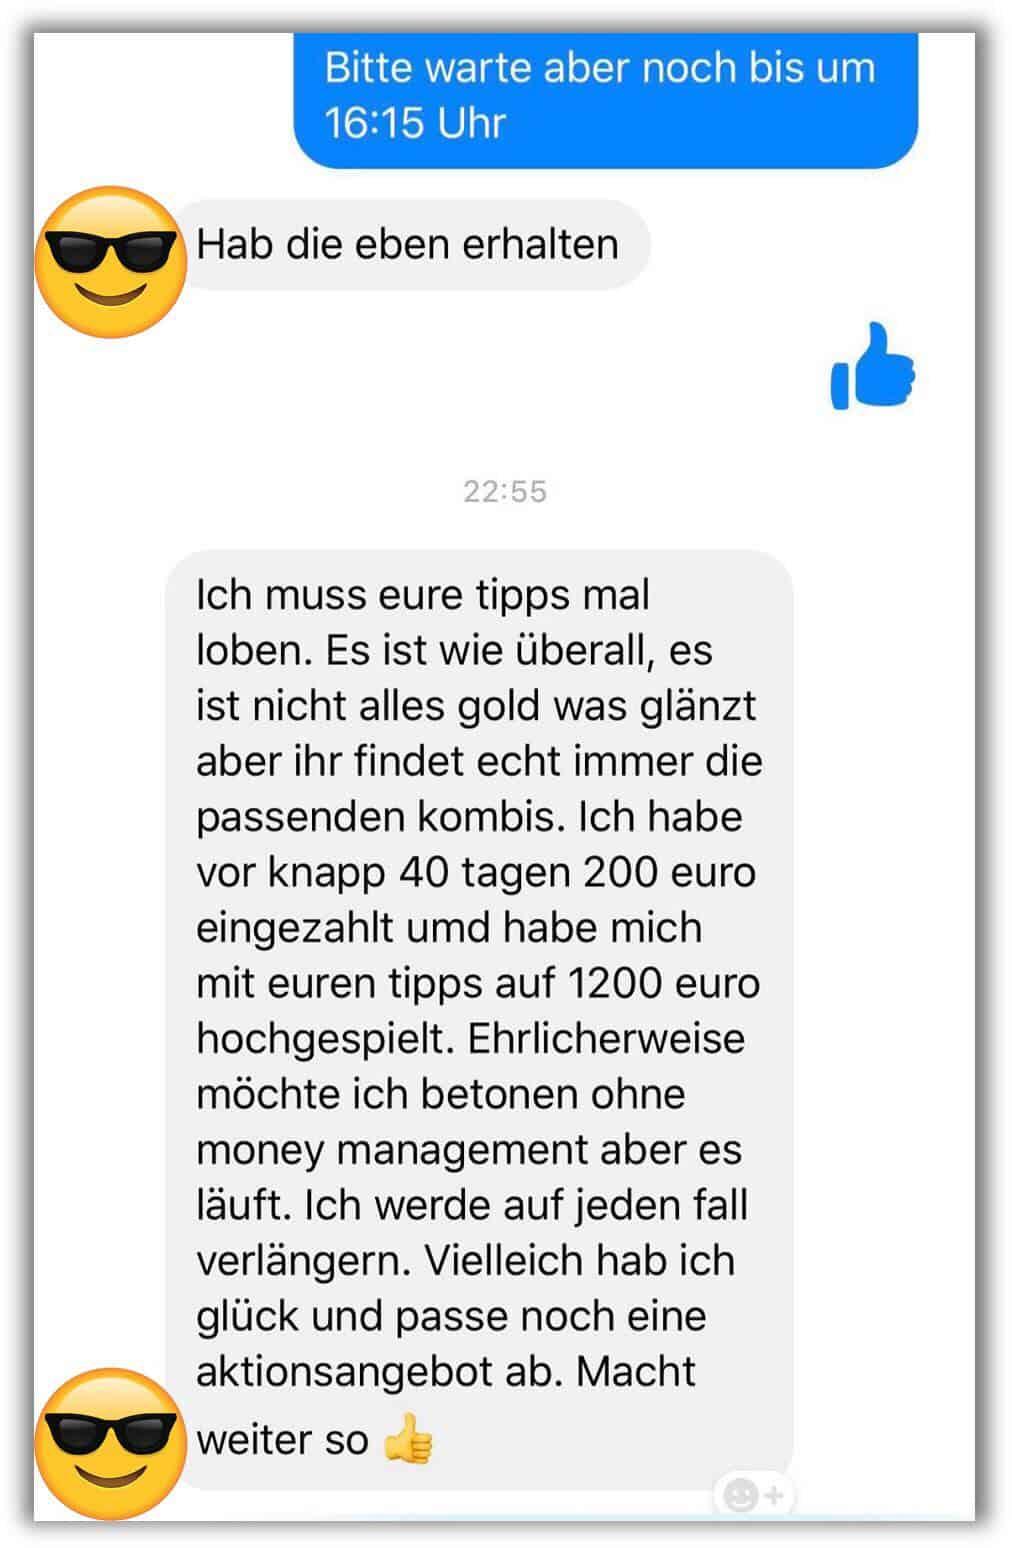 Kundenmeinung zum SMS BETS Service